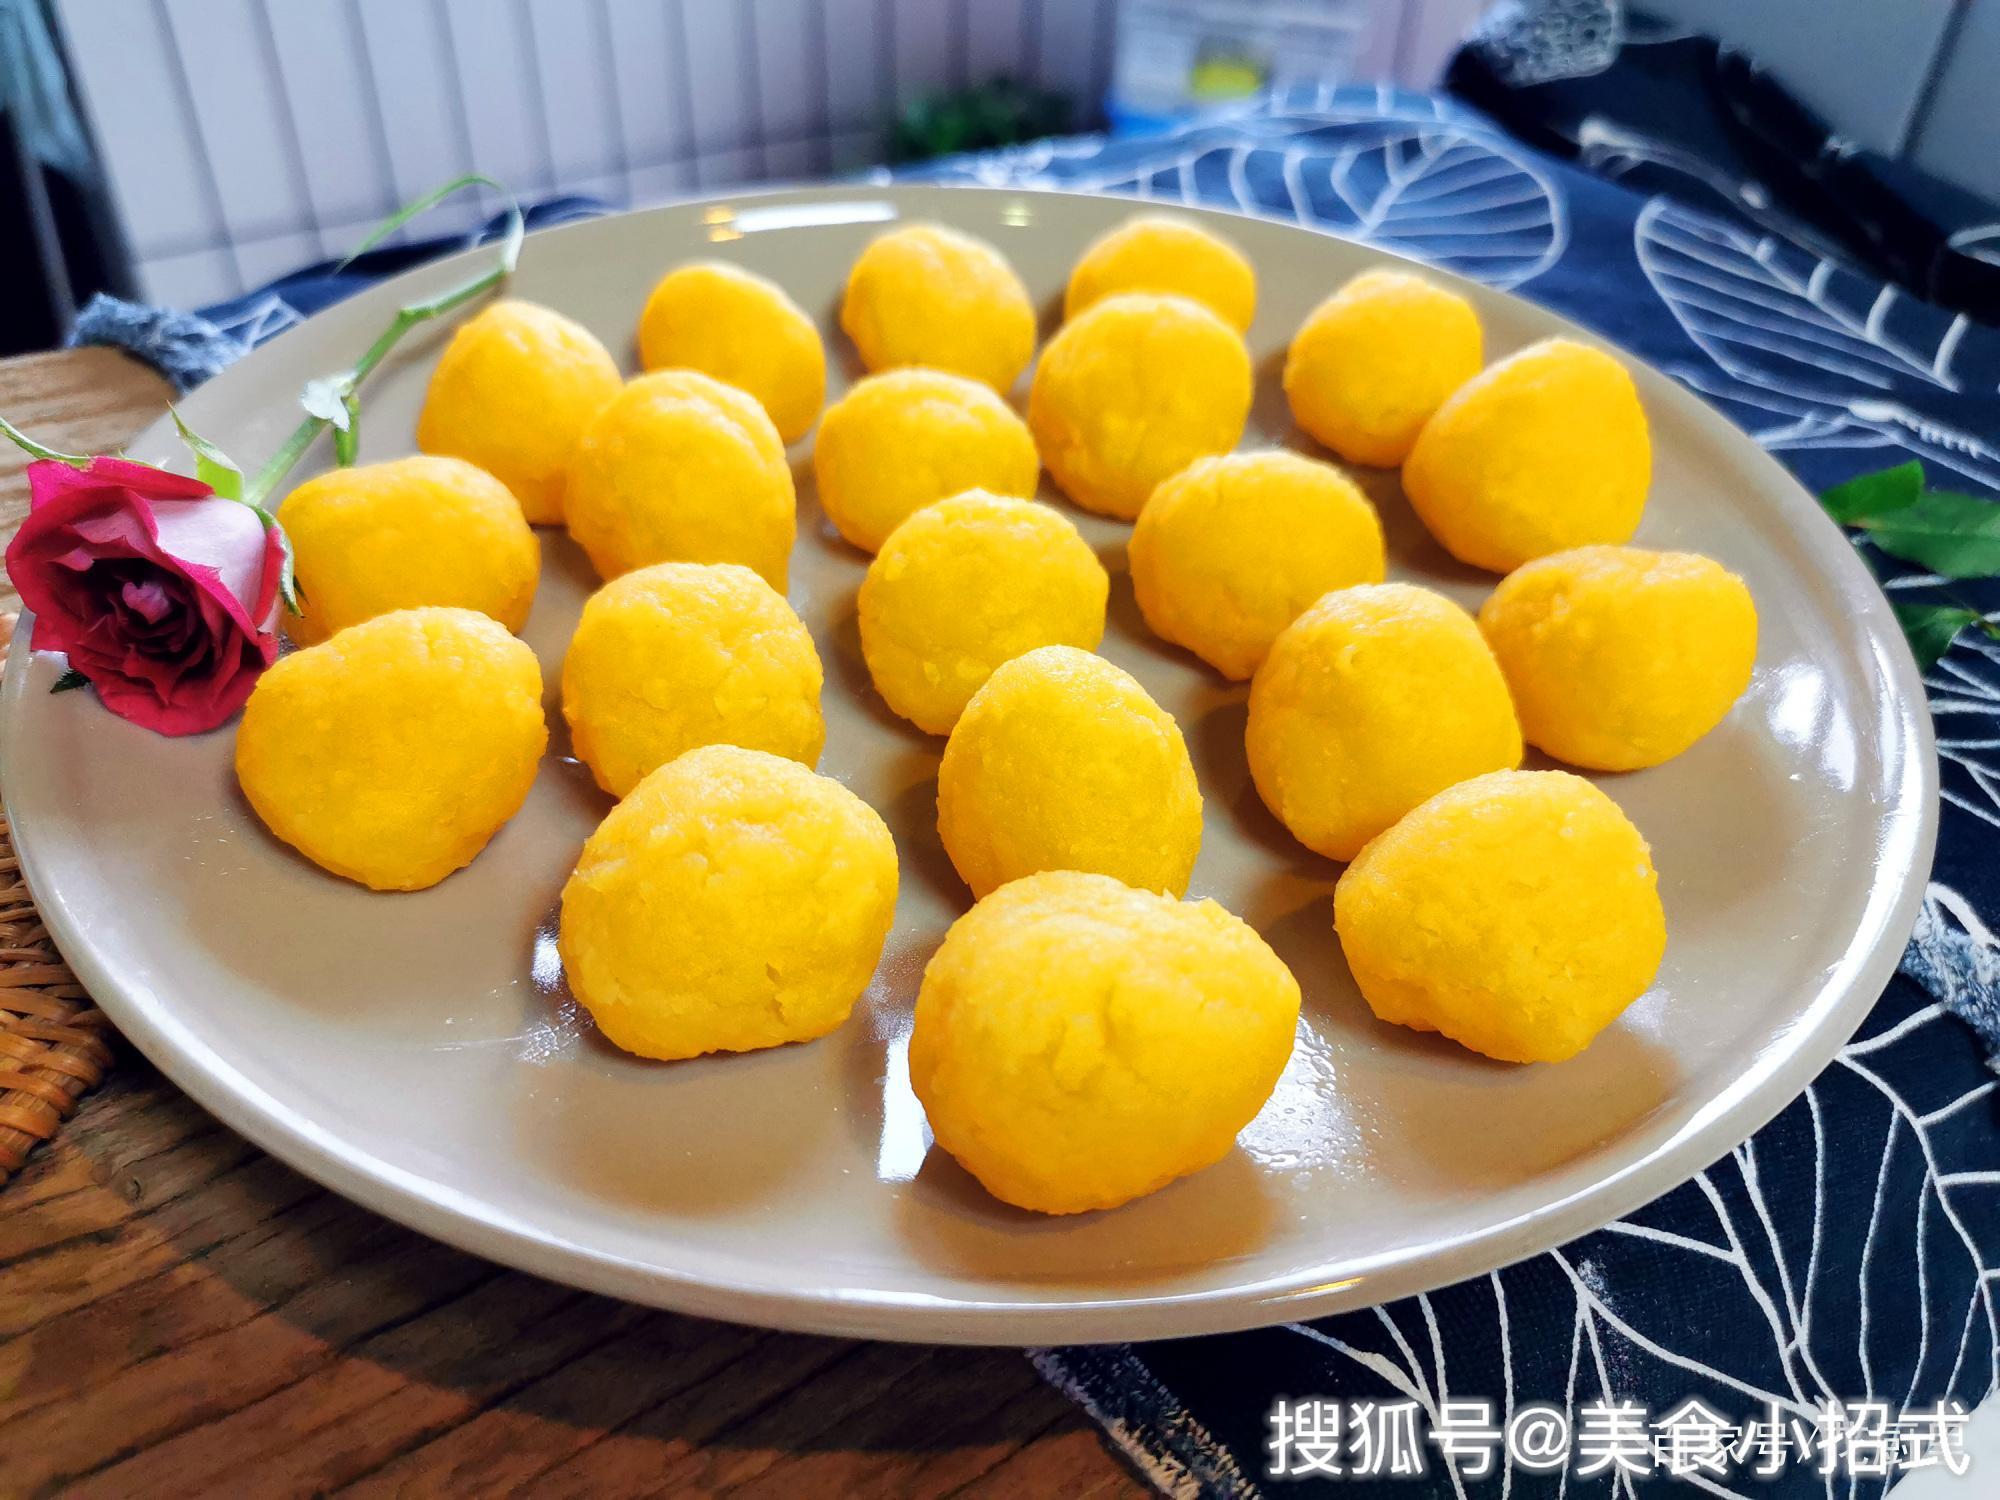 奶黄馅在家自己做,好吃又省钱,奶味十足,可以蒸包子或者烙馅饼